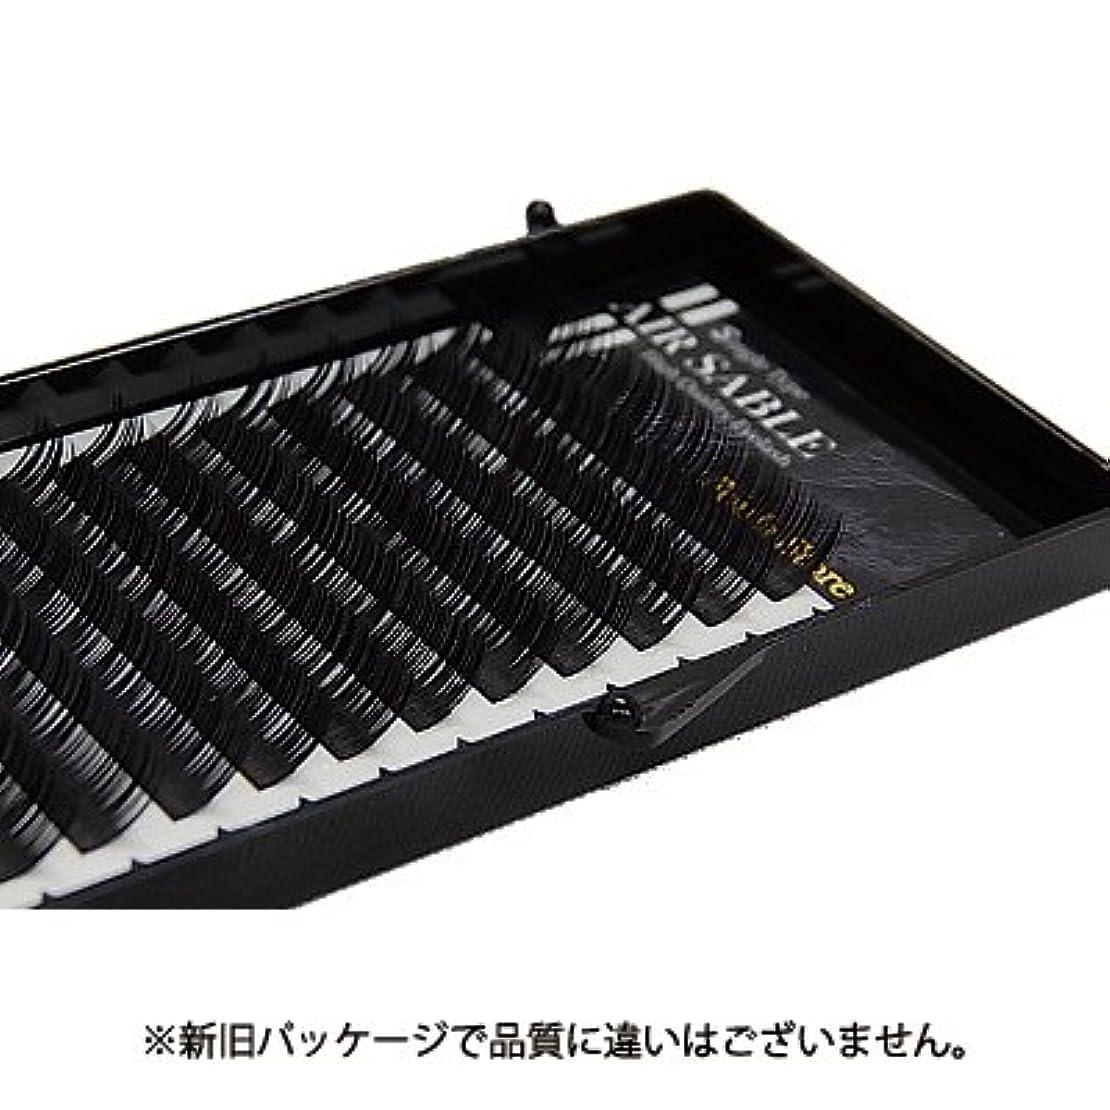 有望誕生未亡人【フーラ】エアーセーブル シート 12列 Cカール 11mm×0.15mm